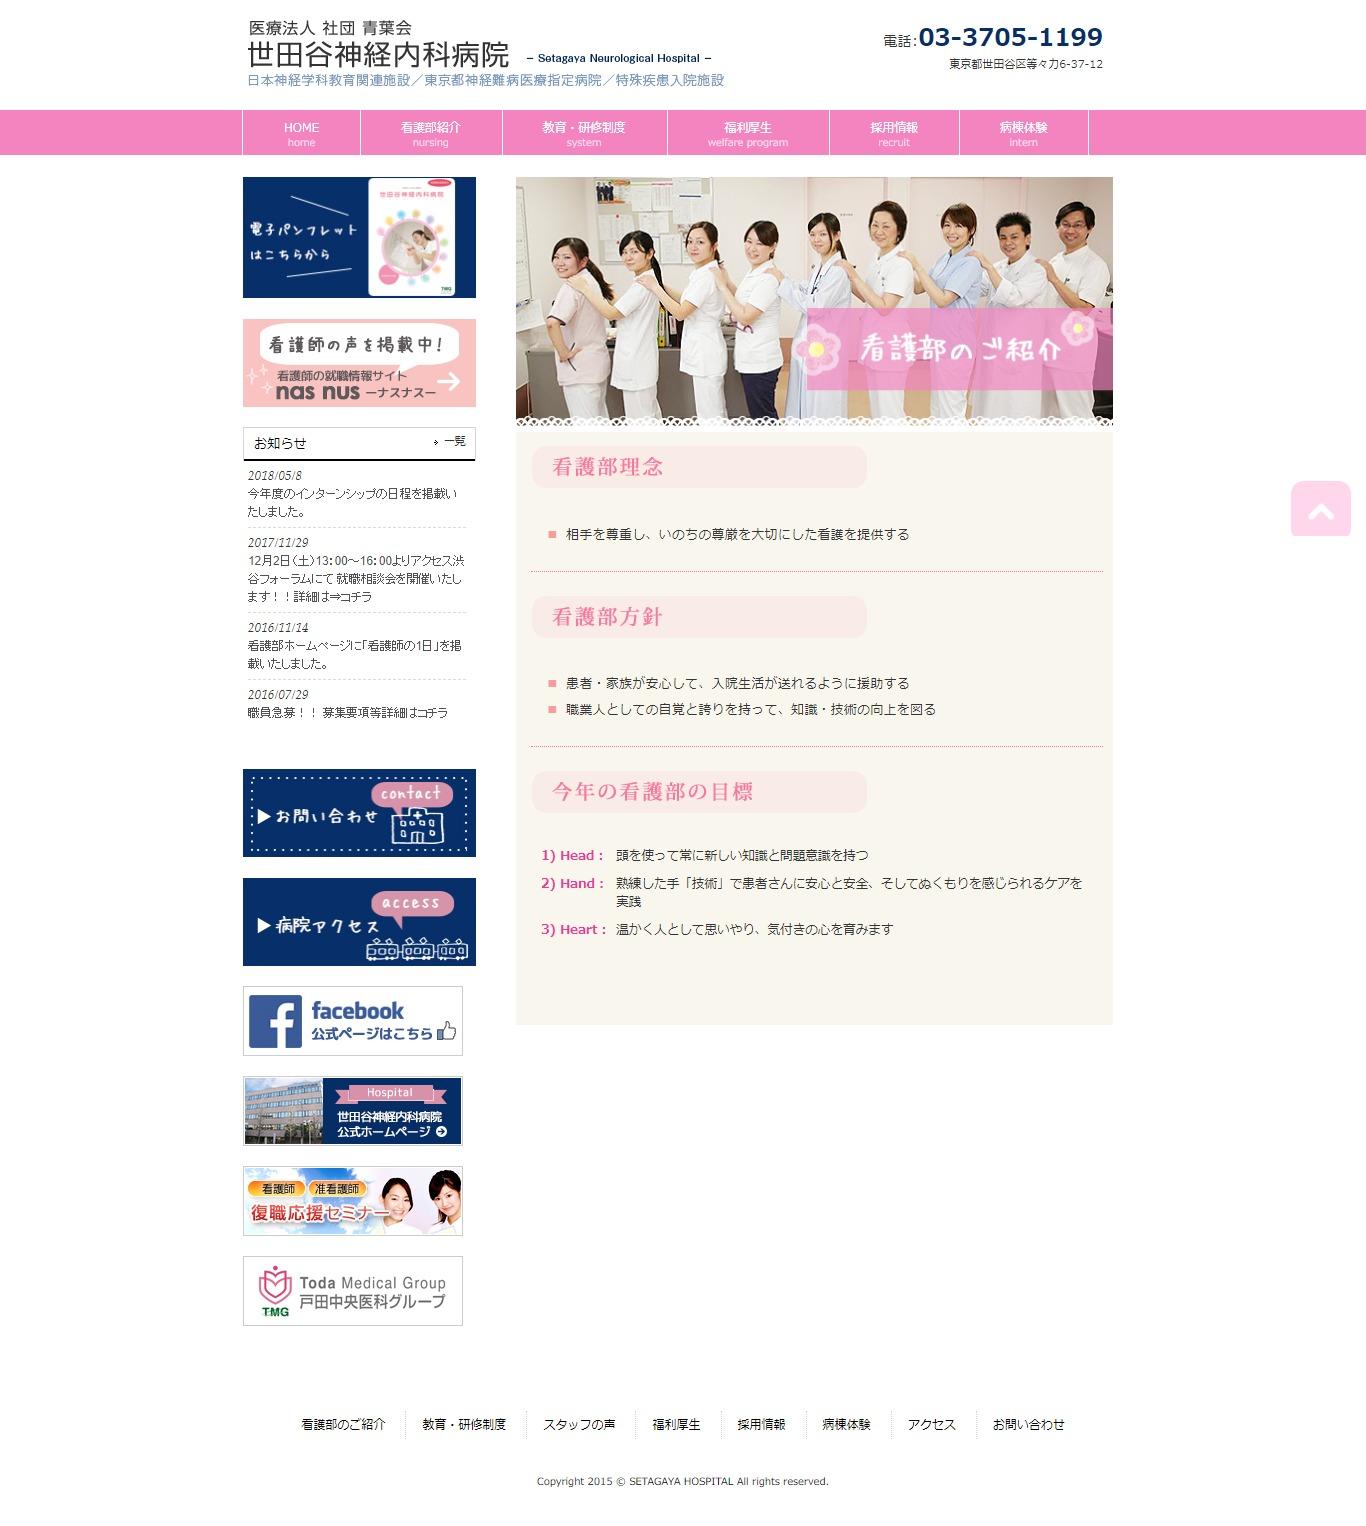 2000年4月作成「世田谷神経内科病院」看護部サイト_サブ画像